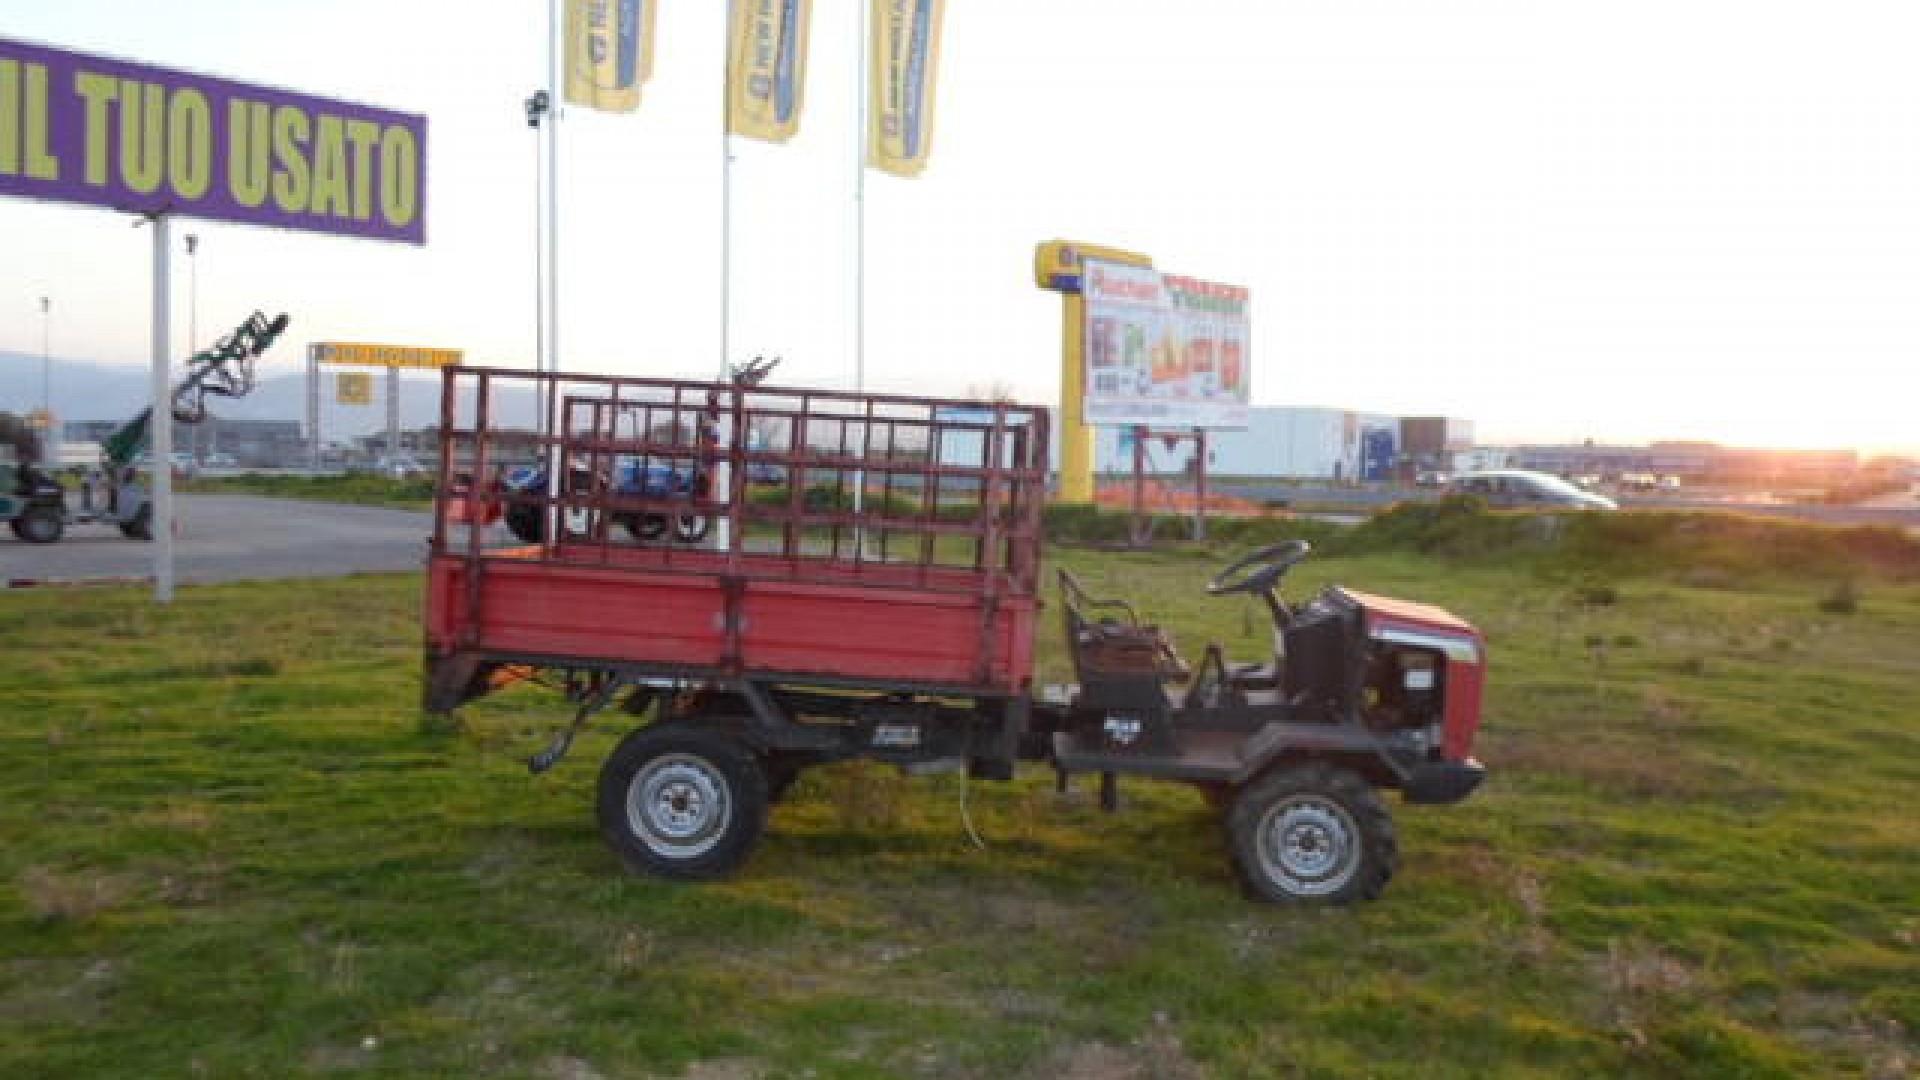 foto di una Motoagricola usata Mariniello Mar6